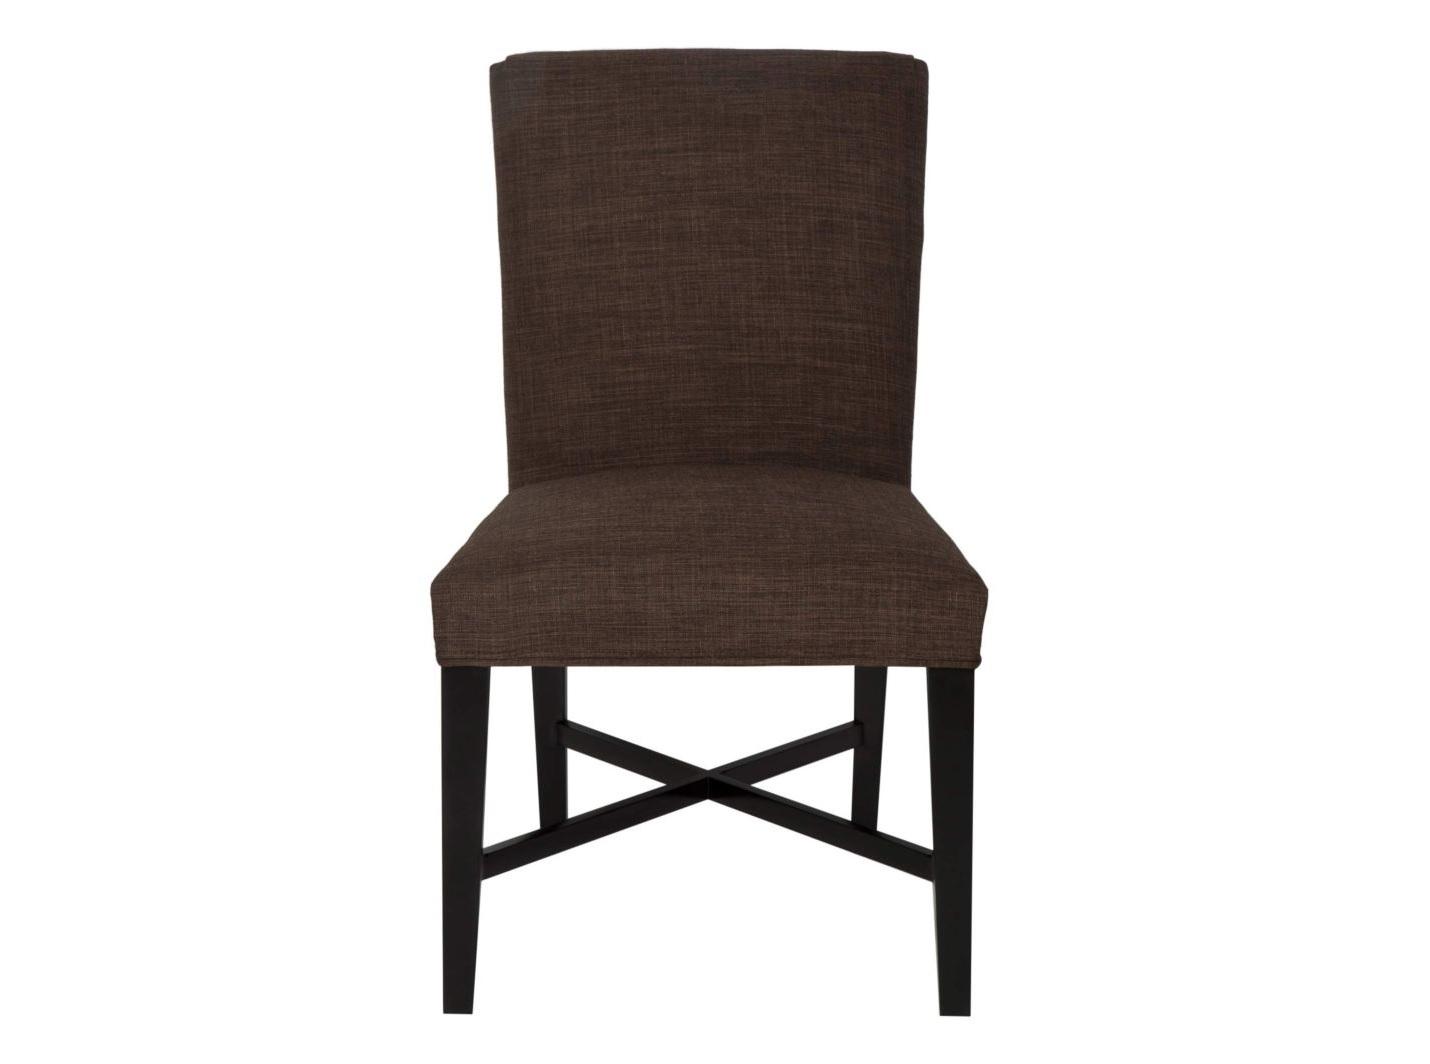 Стул NavagioОбеденные стулья<br><br><br>Material: Текстиль<br>Ширина см: 53<br>Высота см: 89<br>Глубина см: 60